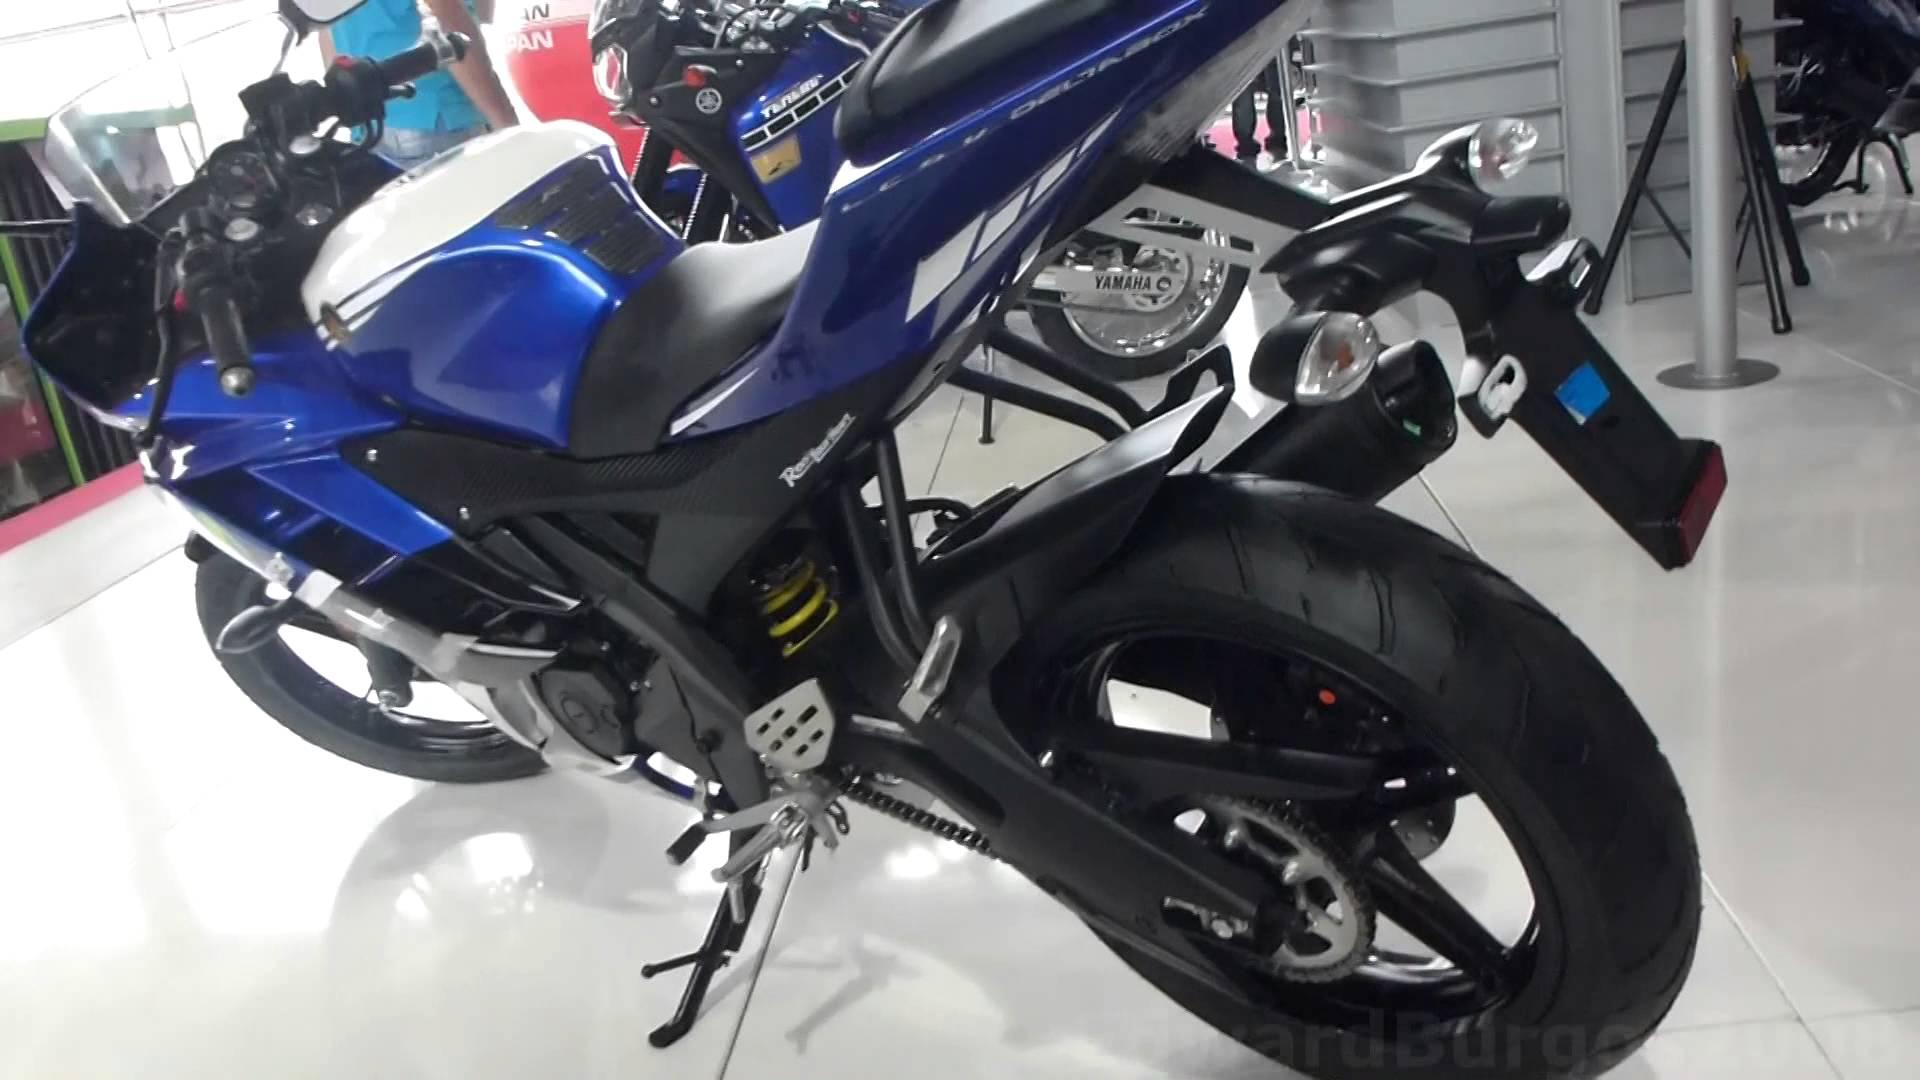 Yamaha R1 2016 1920x1080